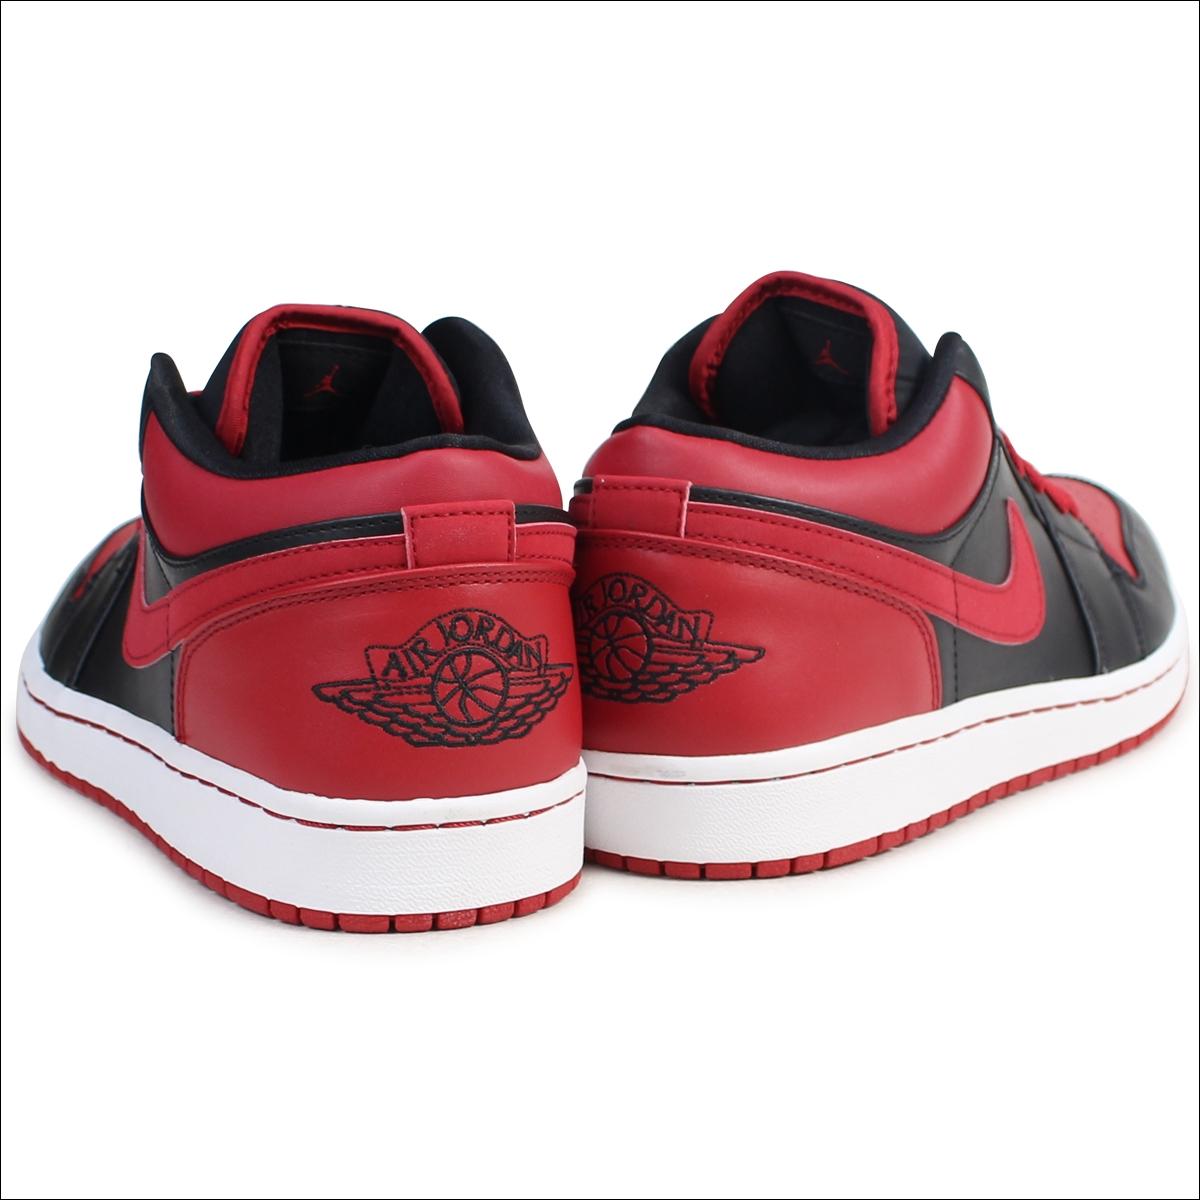 49c982cbe8c ... Nike NIKE Air Jordan 1 sneakers AIR JORDAN 1 PHAT LOW 338,145-061 men's  shoes